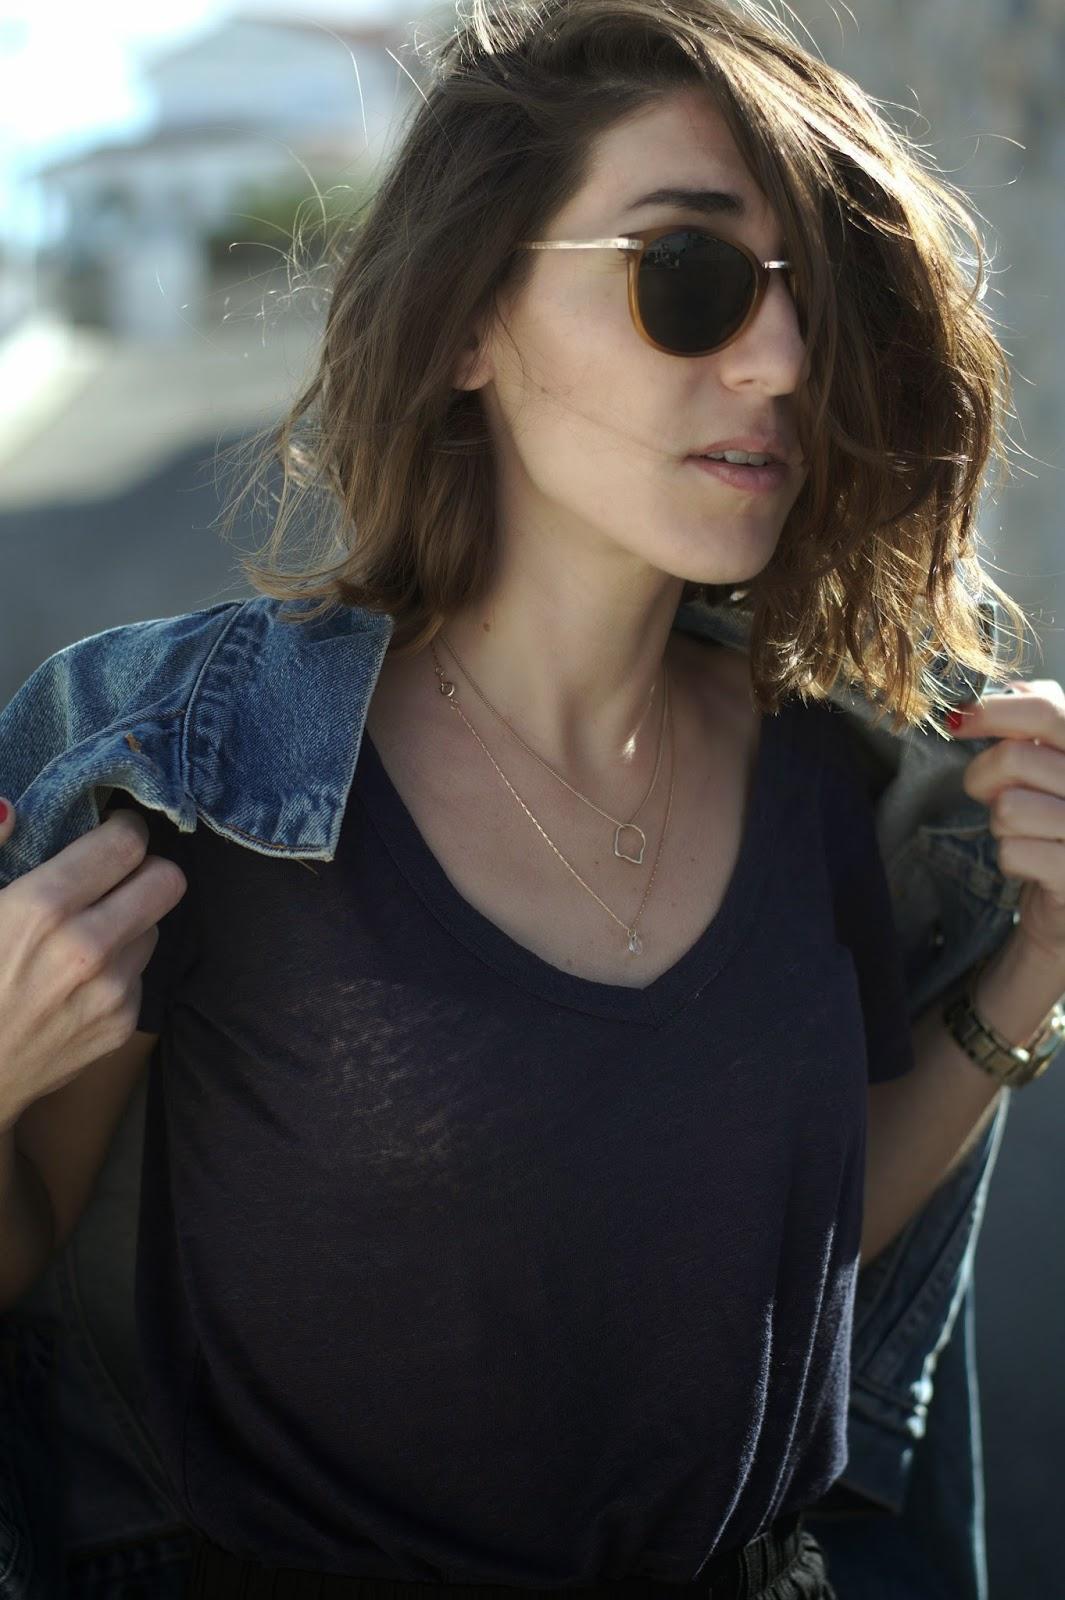 Culotte, camiseta, gafas de sol H&M, chaqueta Levi's, Sandalias Menbur